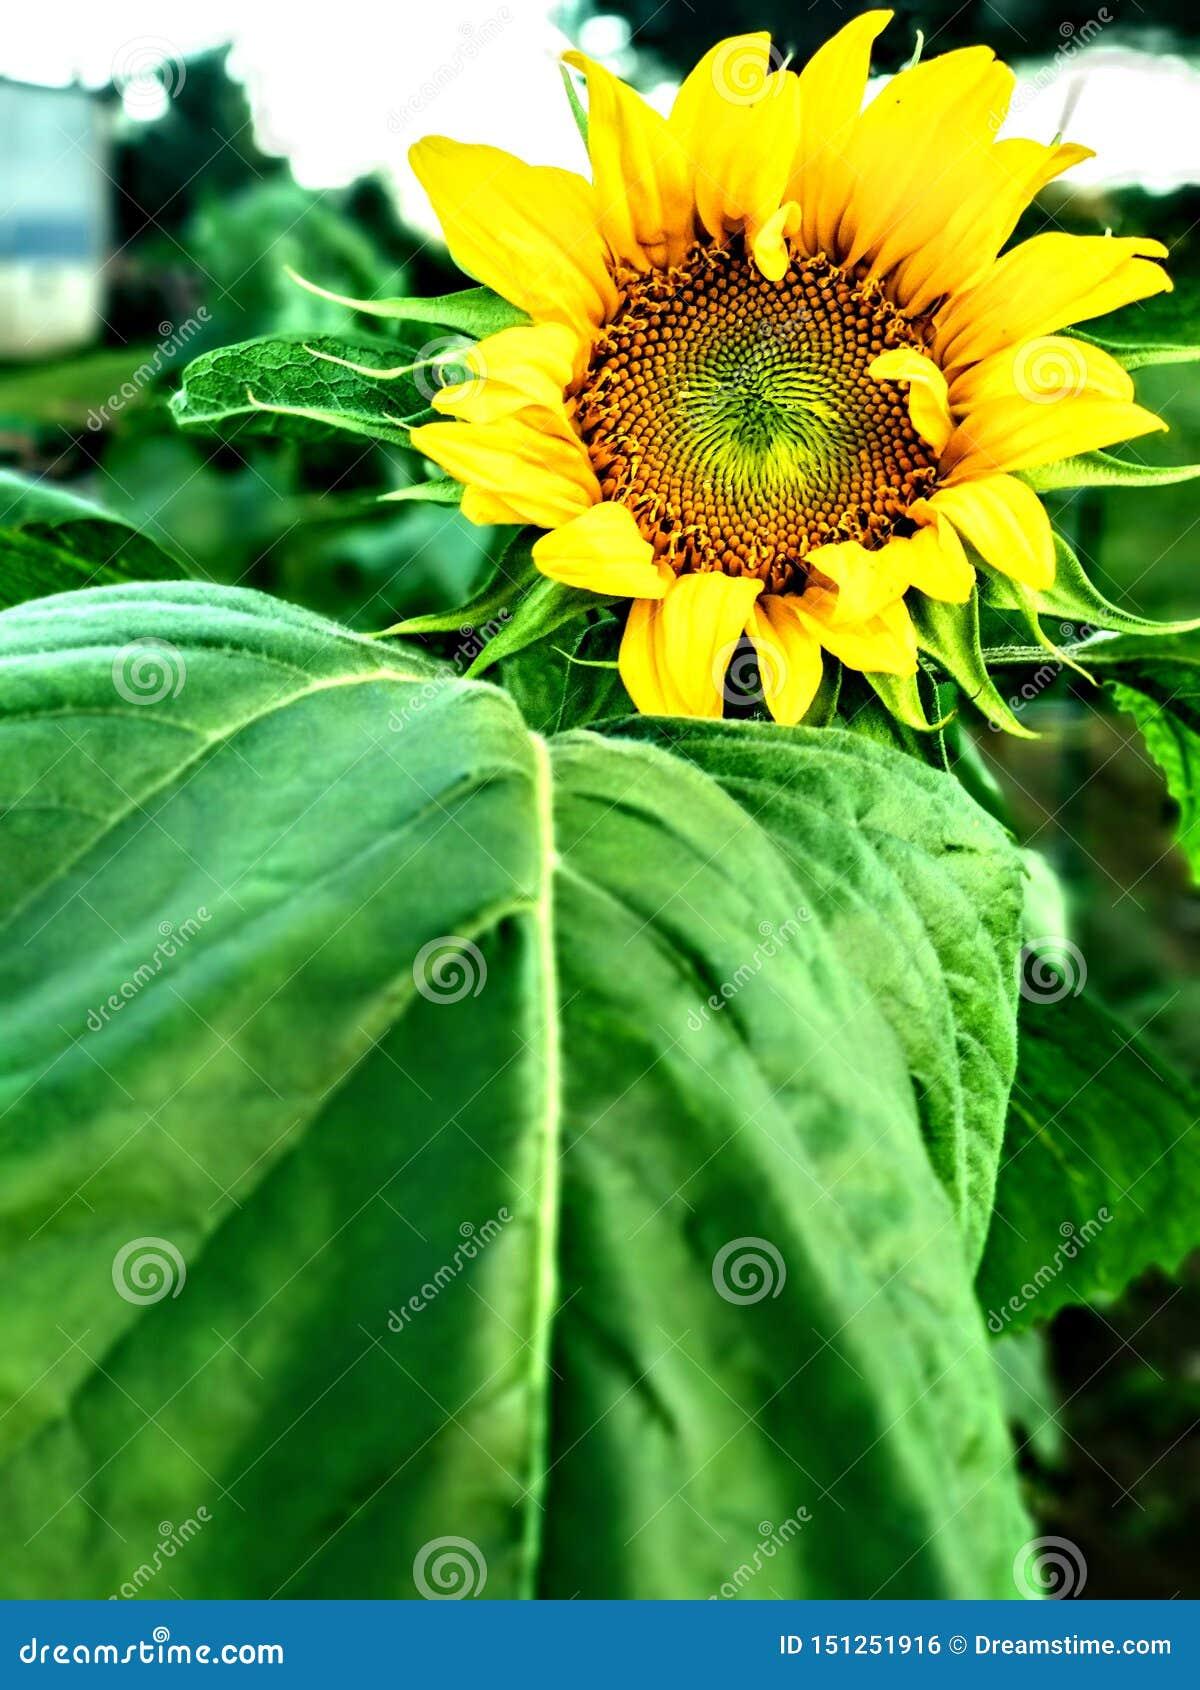 Premier tournesol à fleurir cette année